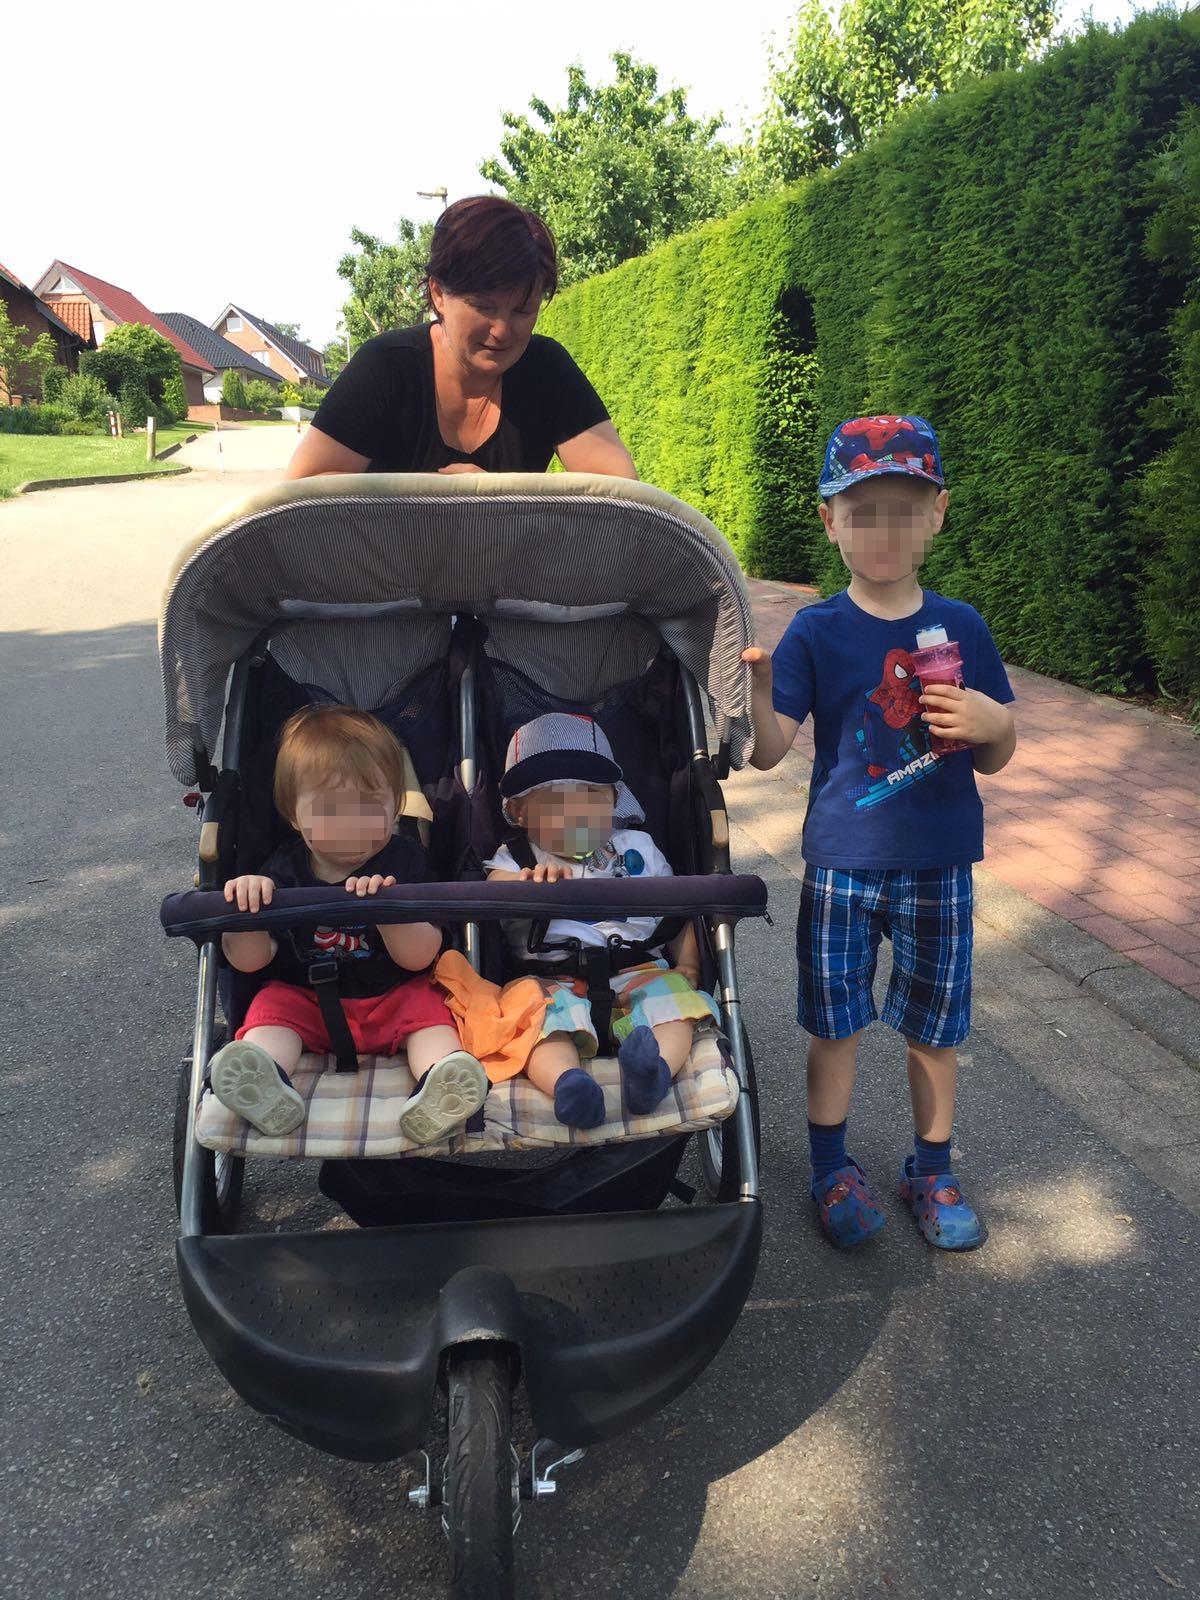 Ausflug mit Kinderwagen